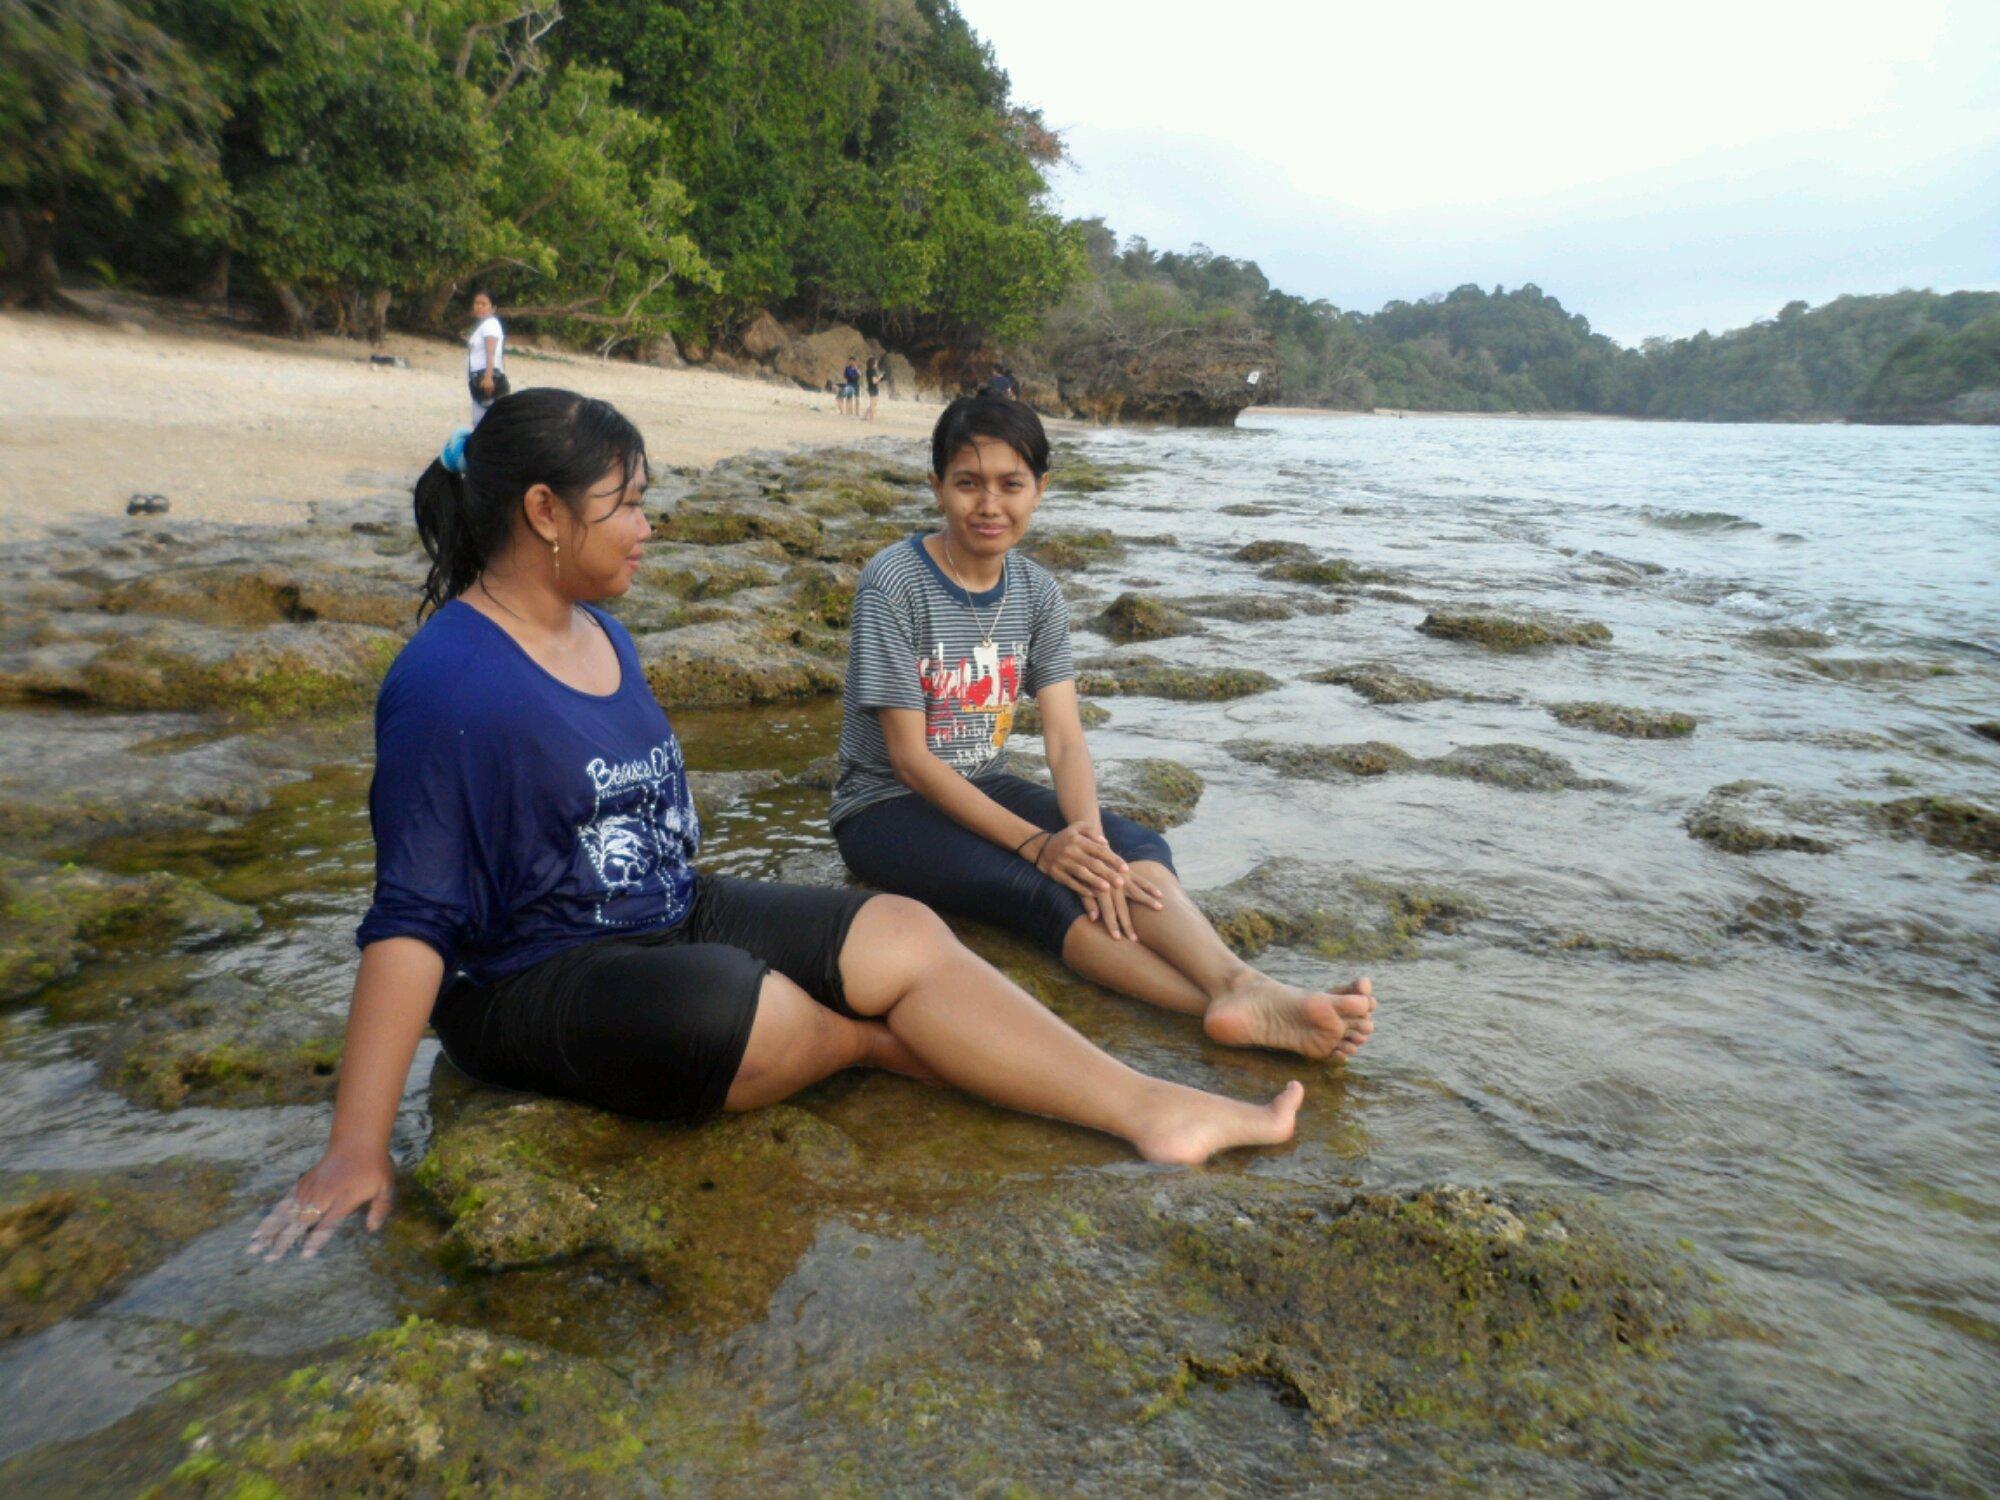 Pesona Pantai Kondang Merak Malang Selatan Ihsansingh Blog Image Kota